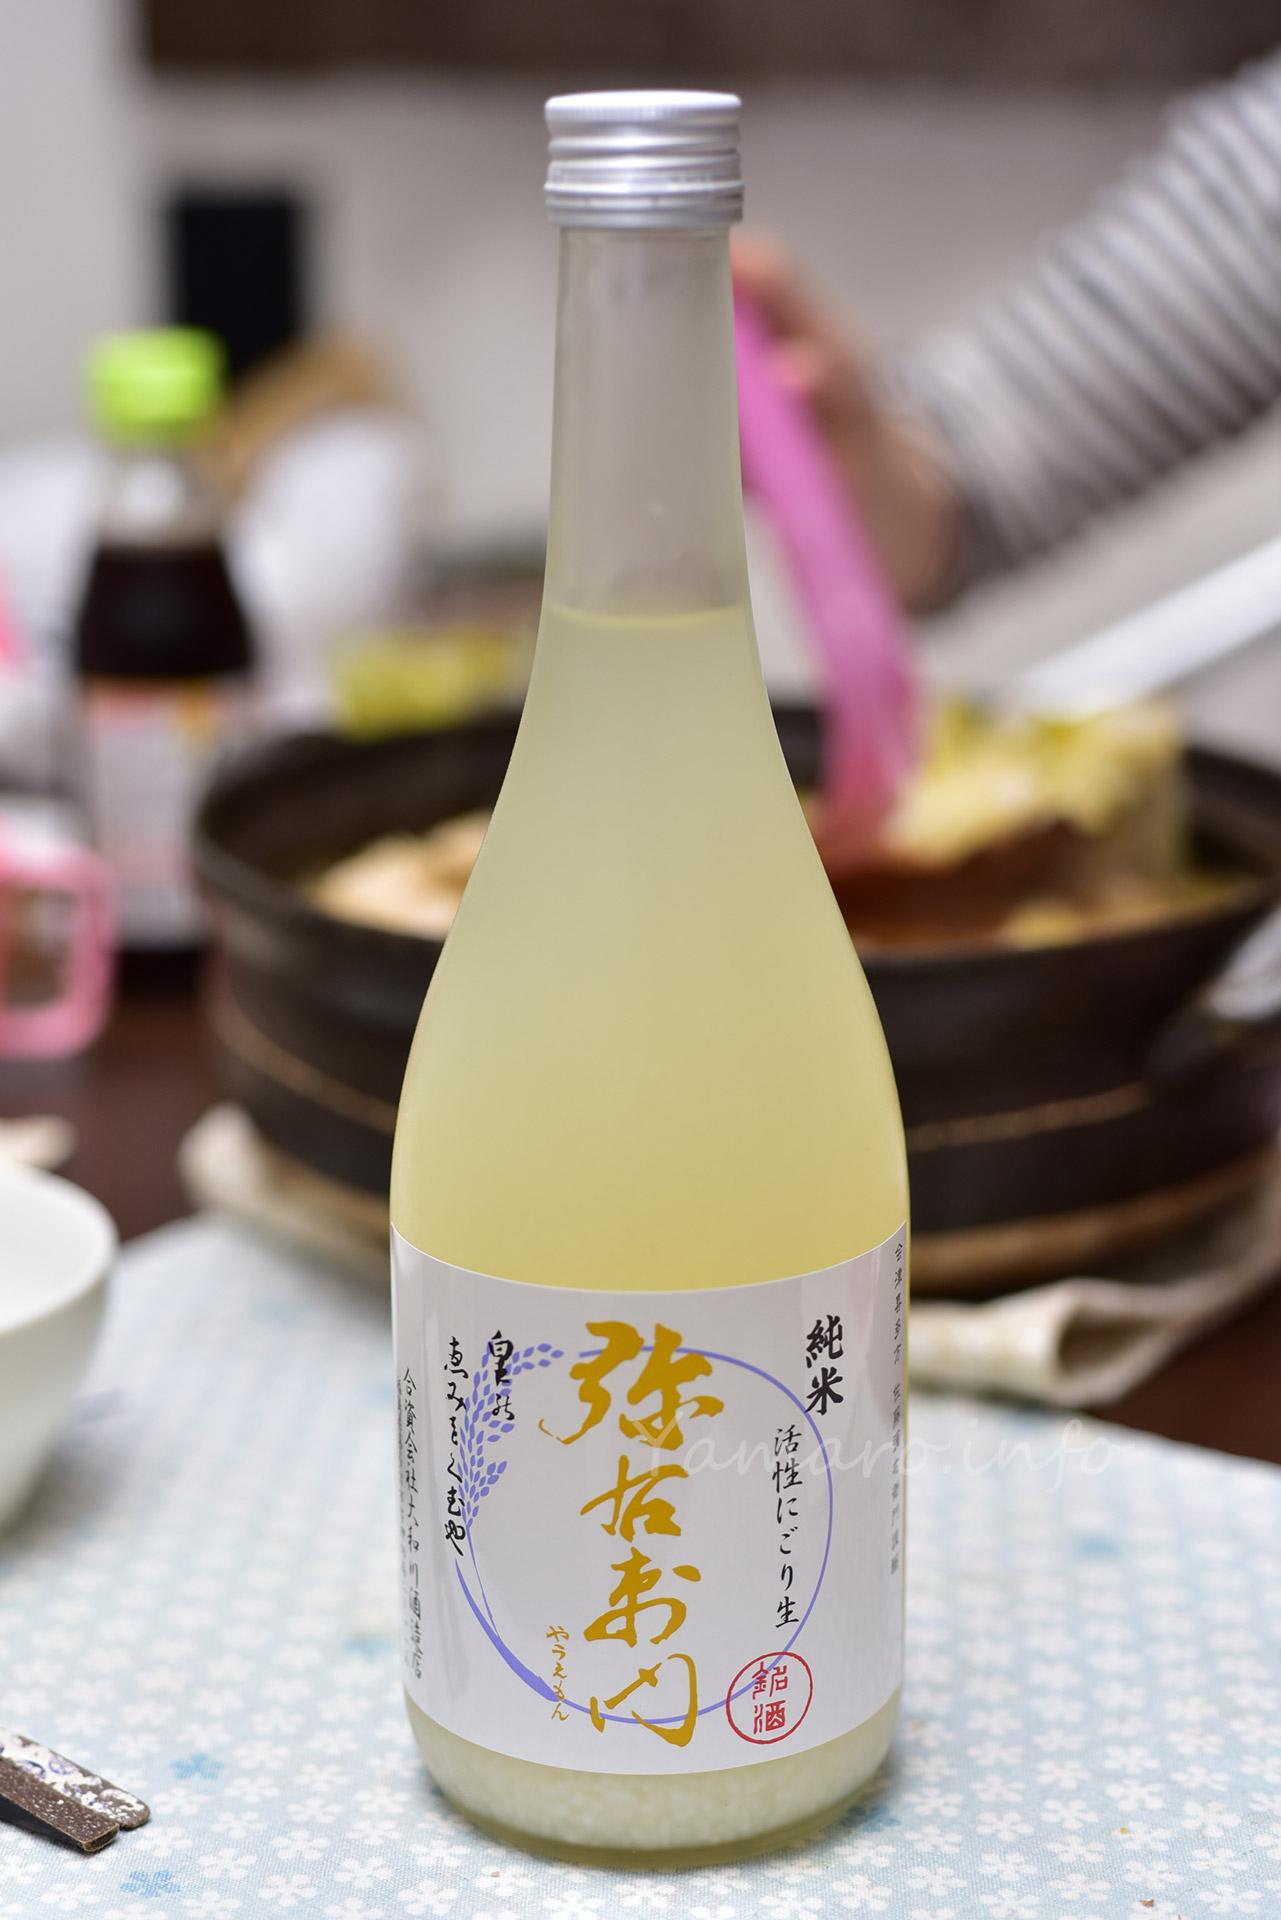 【大和川酒蔵】弥右衛門 純米活性にごり 生酒